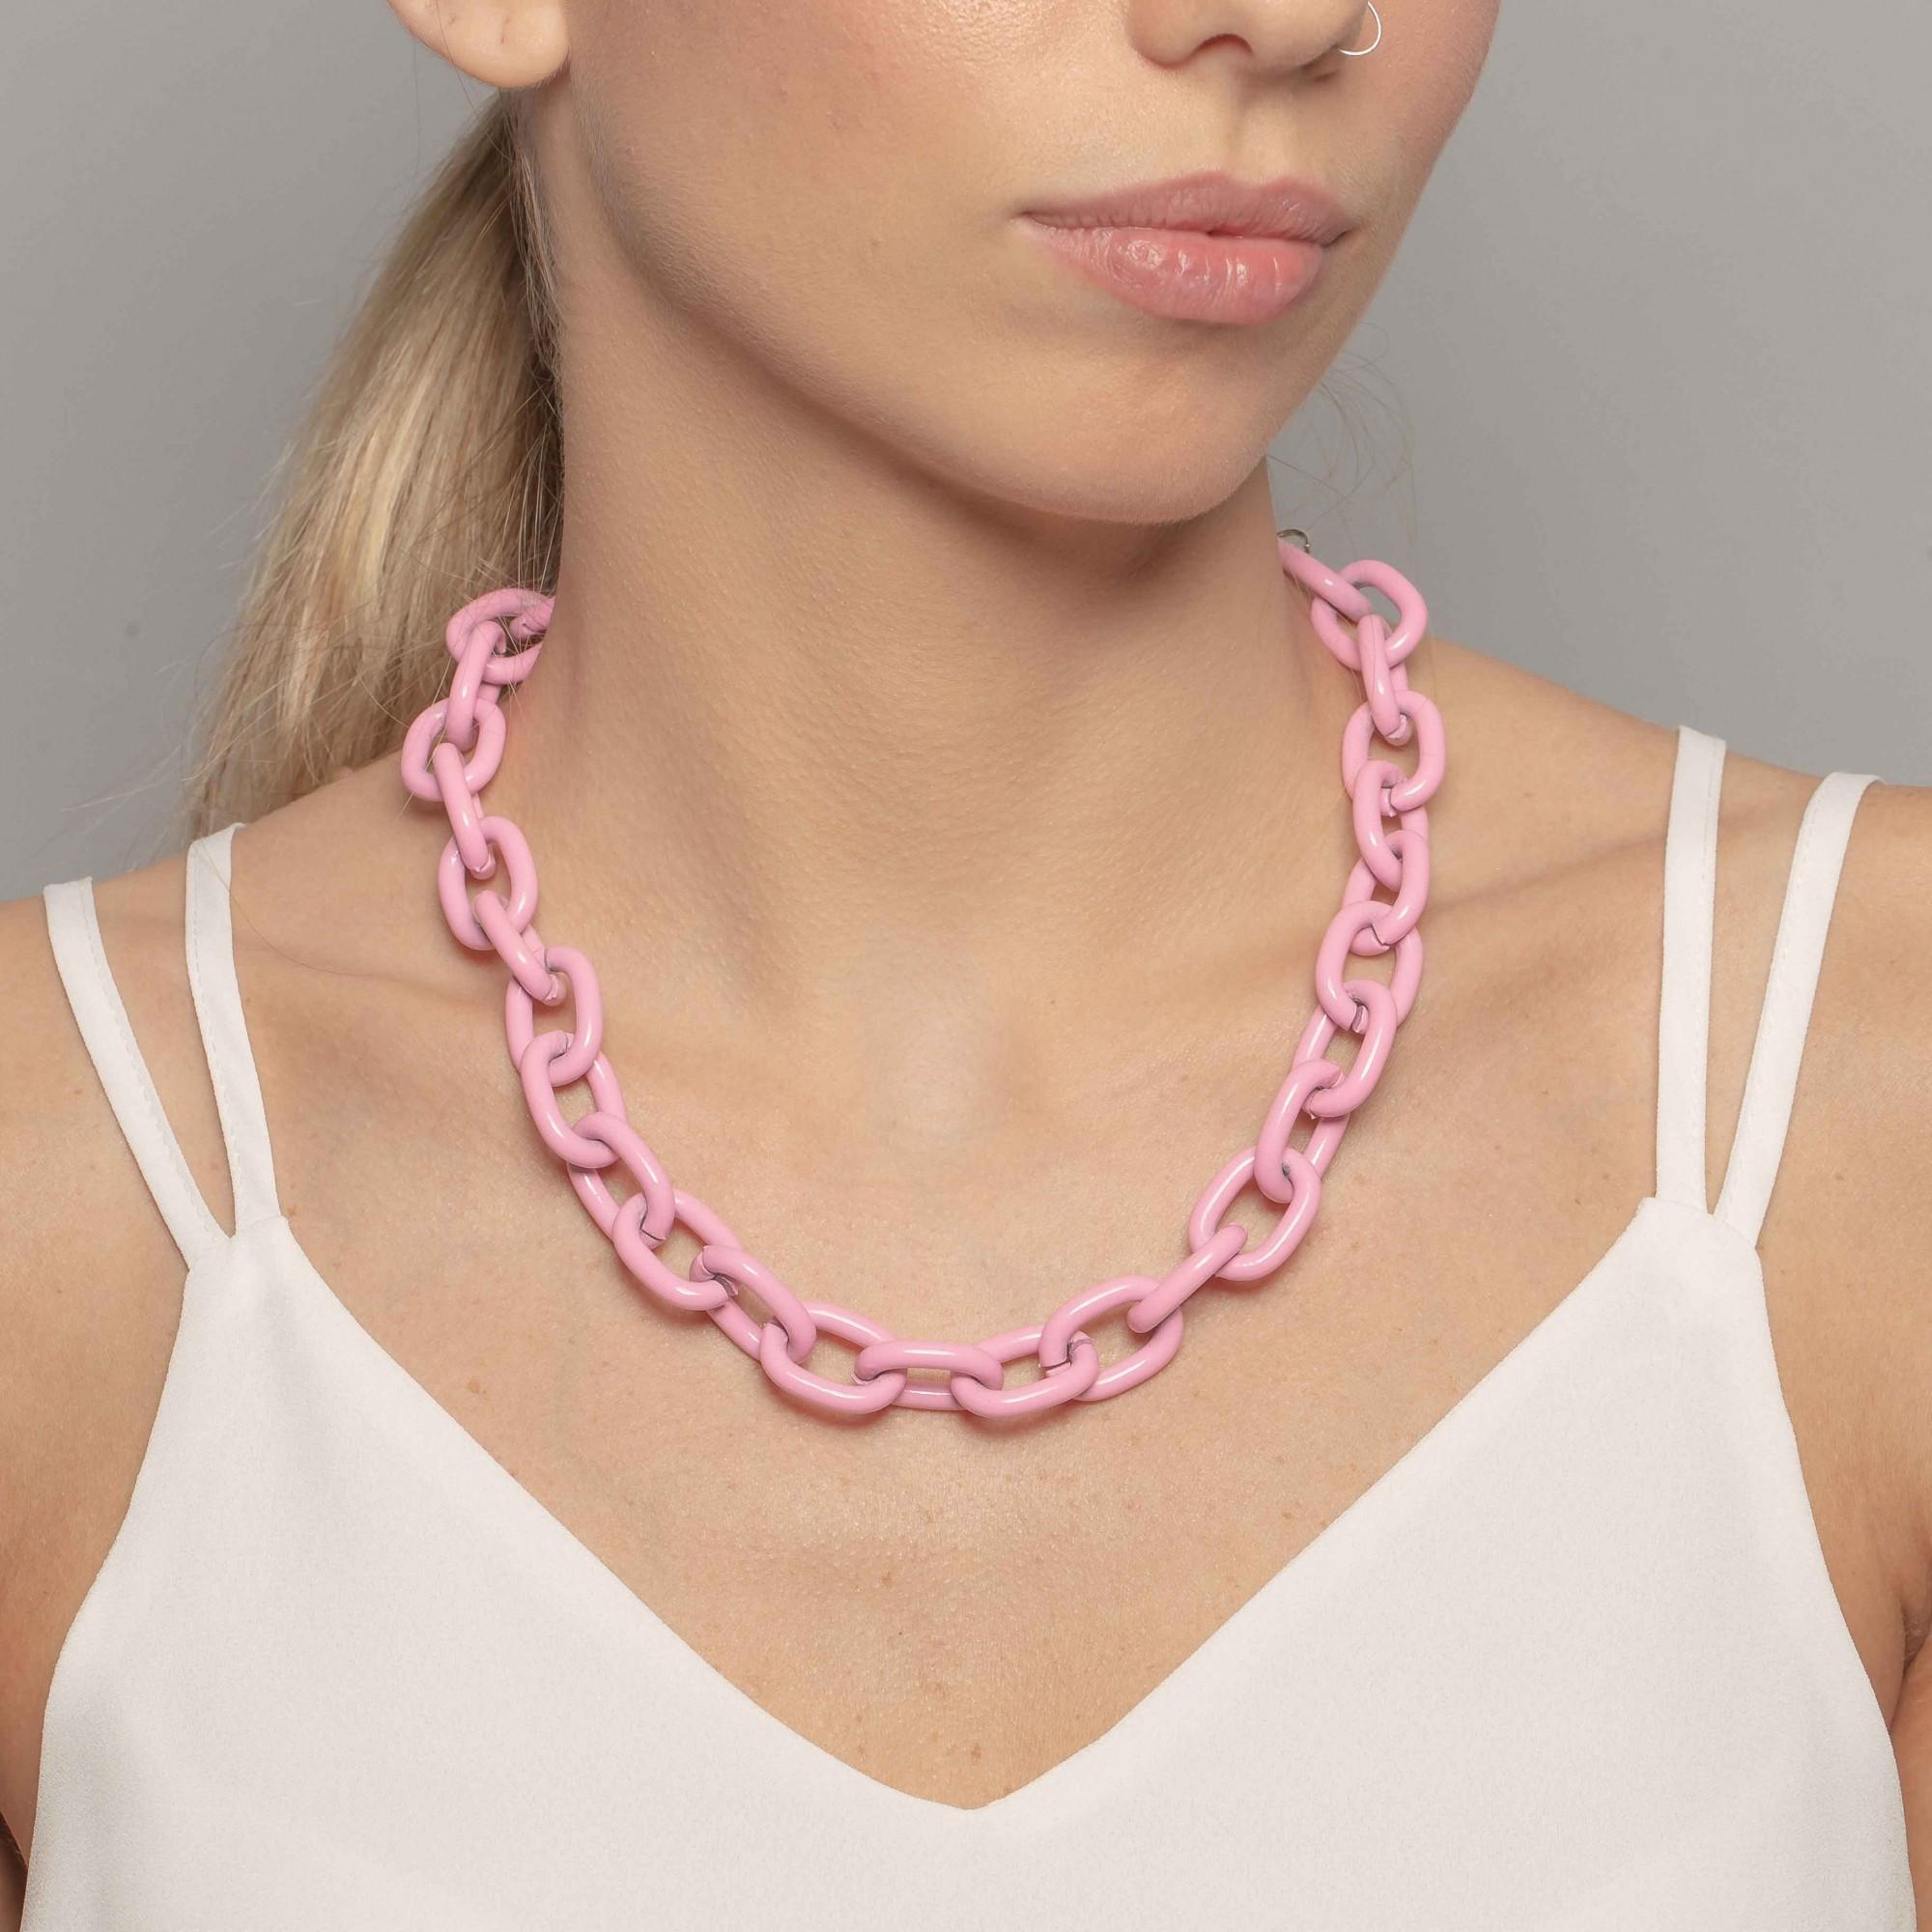 Colar cadeado 50cm na cor rosa bebê  - romabrazil.com.br